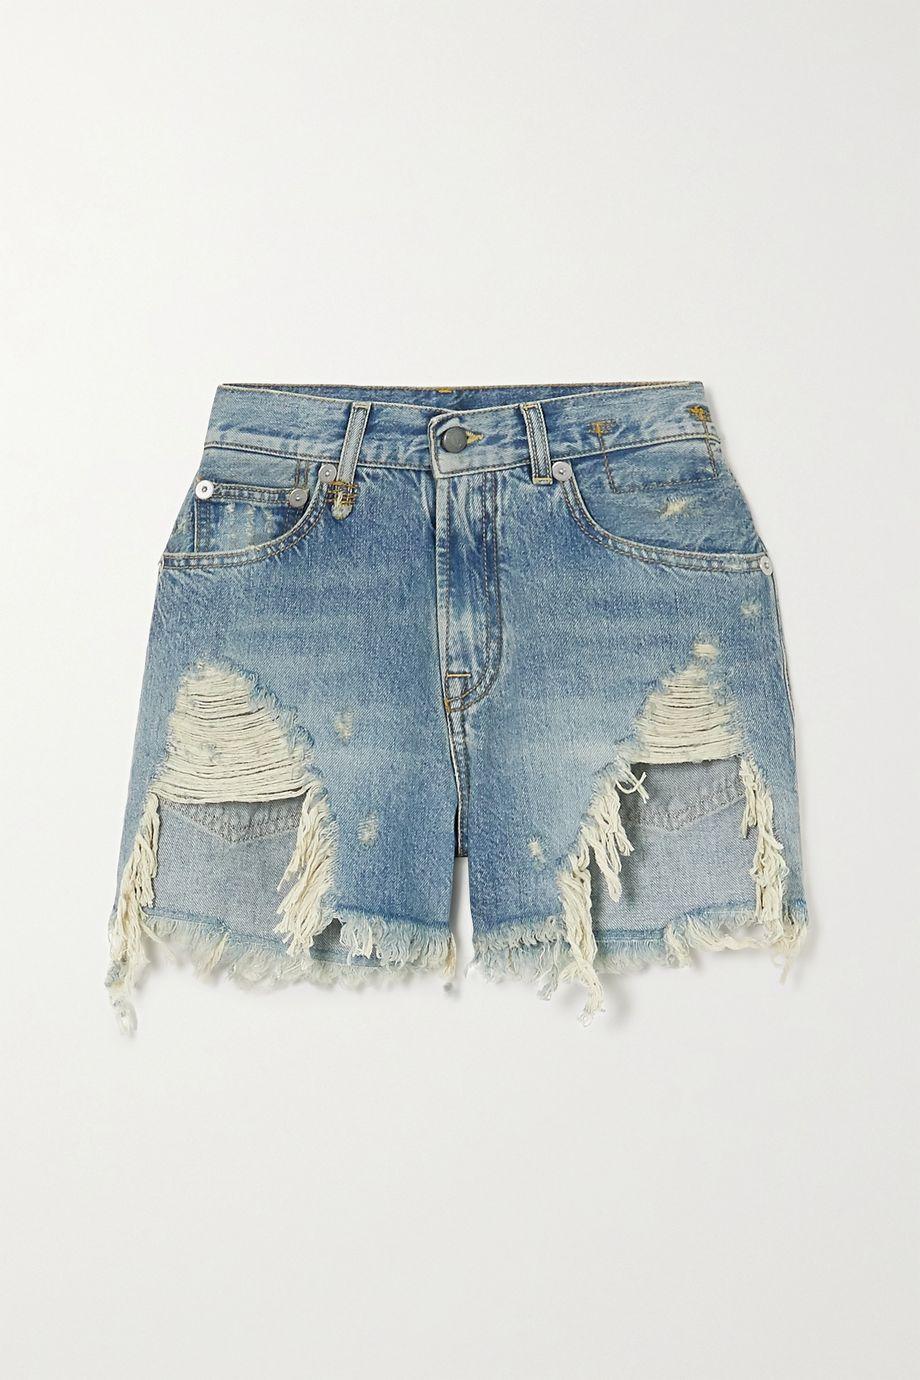 R13 仿旧牛仔短裤